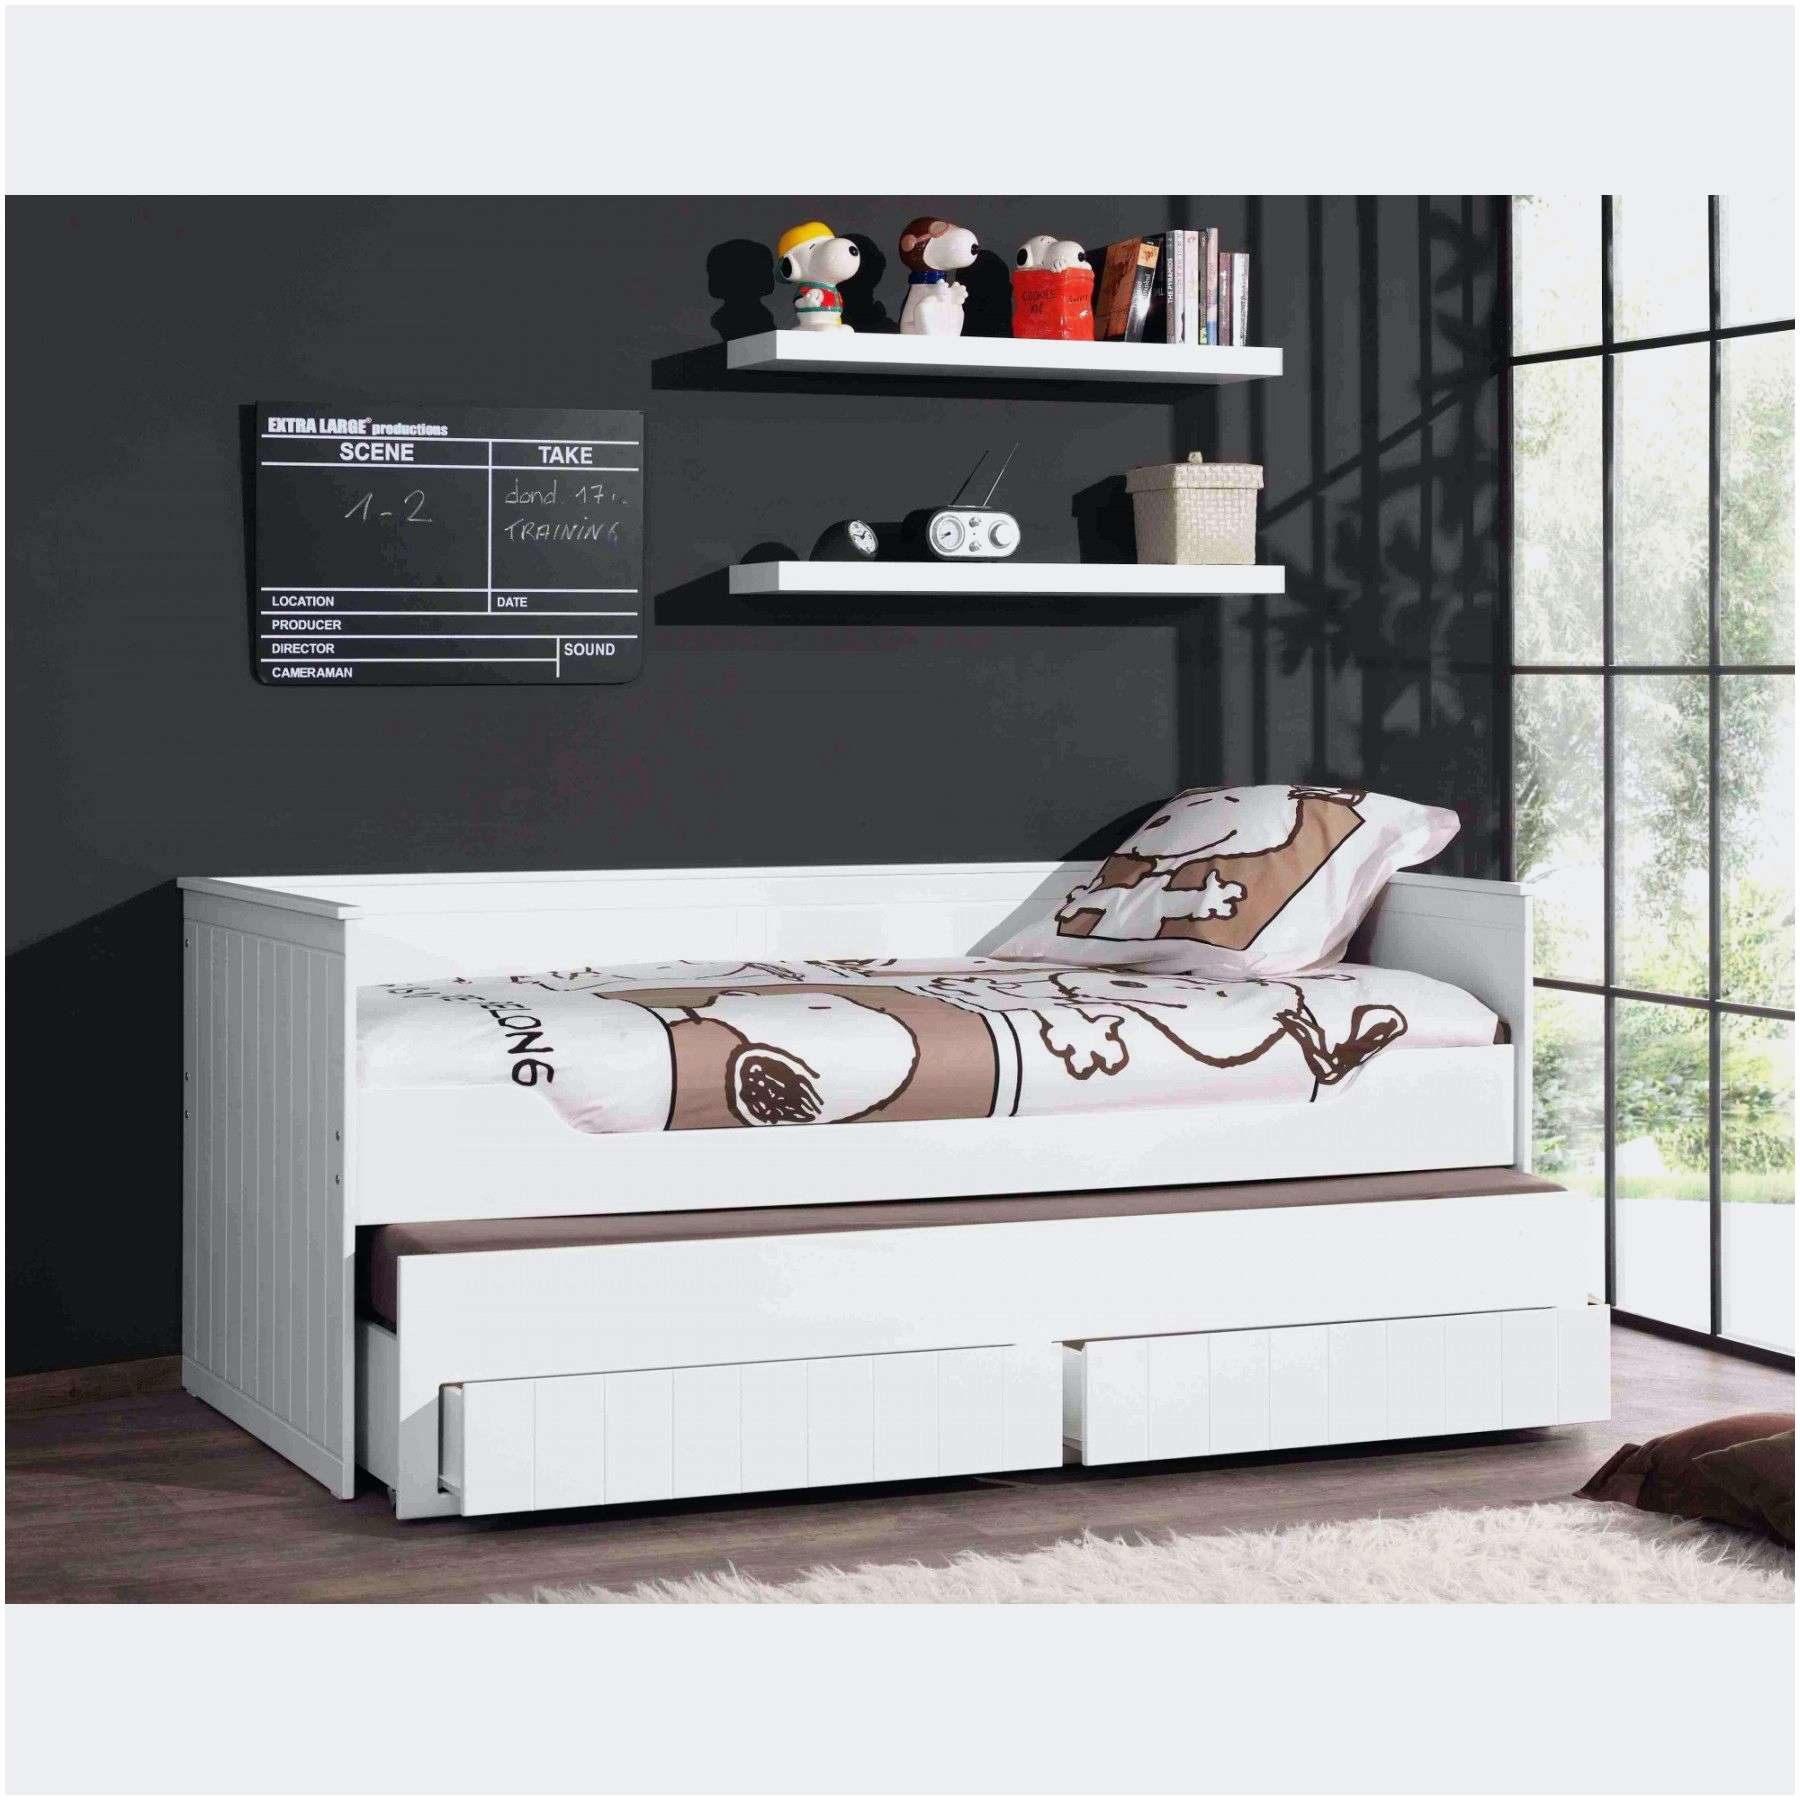 Tete De Lit Gris Anthracite Luxe 62 Tete De Lit Design Italien Scheme Jongor4hire